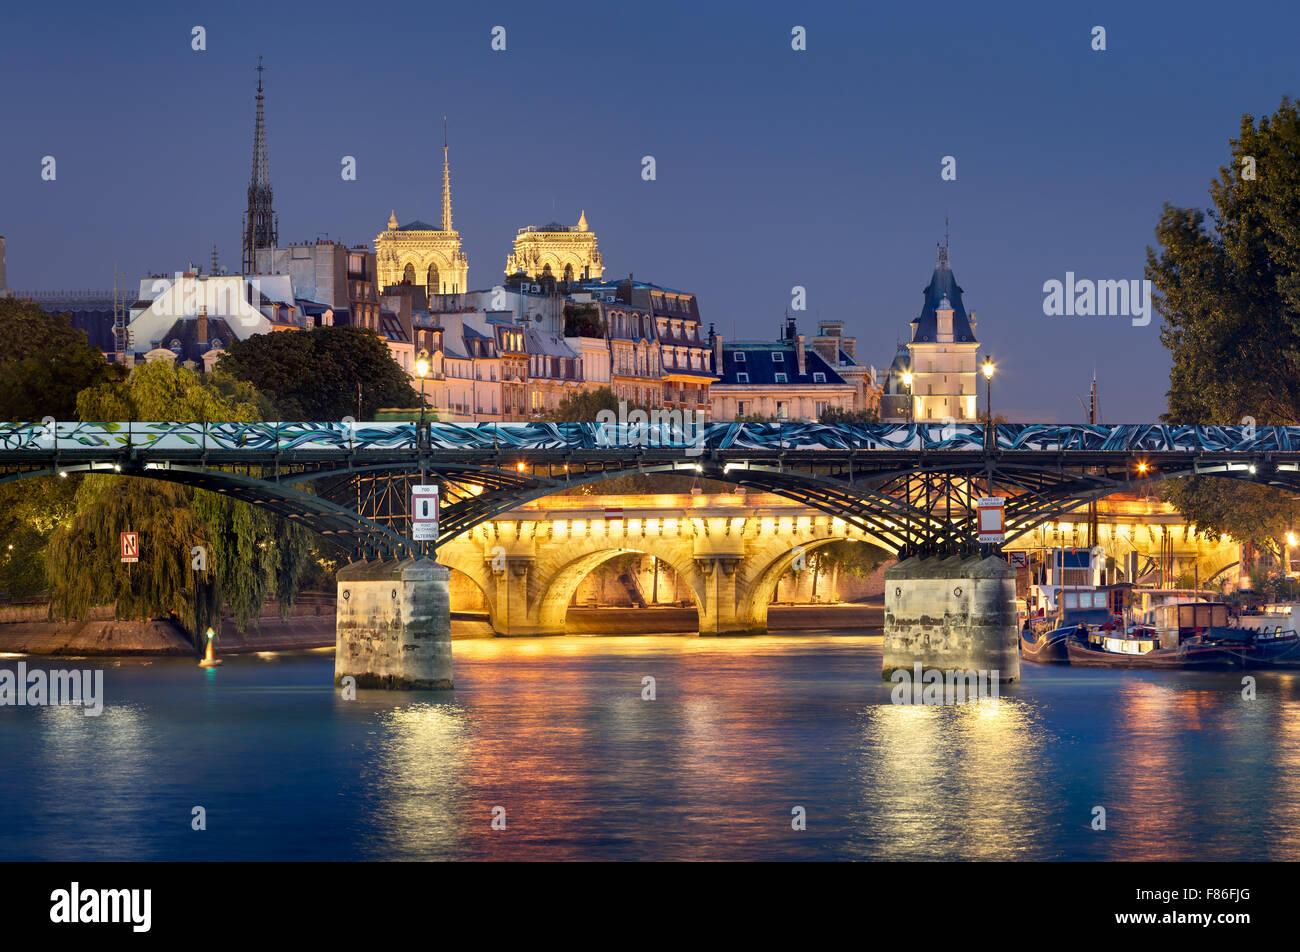 Pont des Arts, Pont Neuf, Kathedrale Notre-Dame de Paris Türme und Seineufer. Blick am Abend beleuchtet. Ile Stockbild